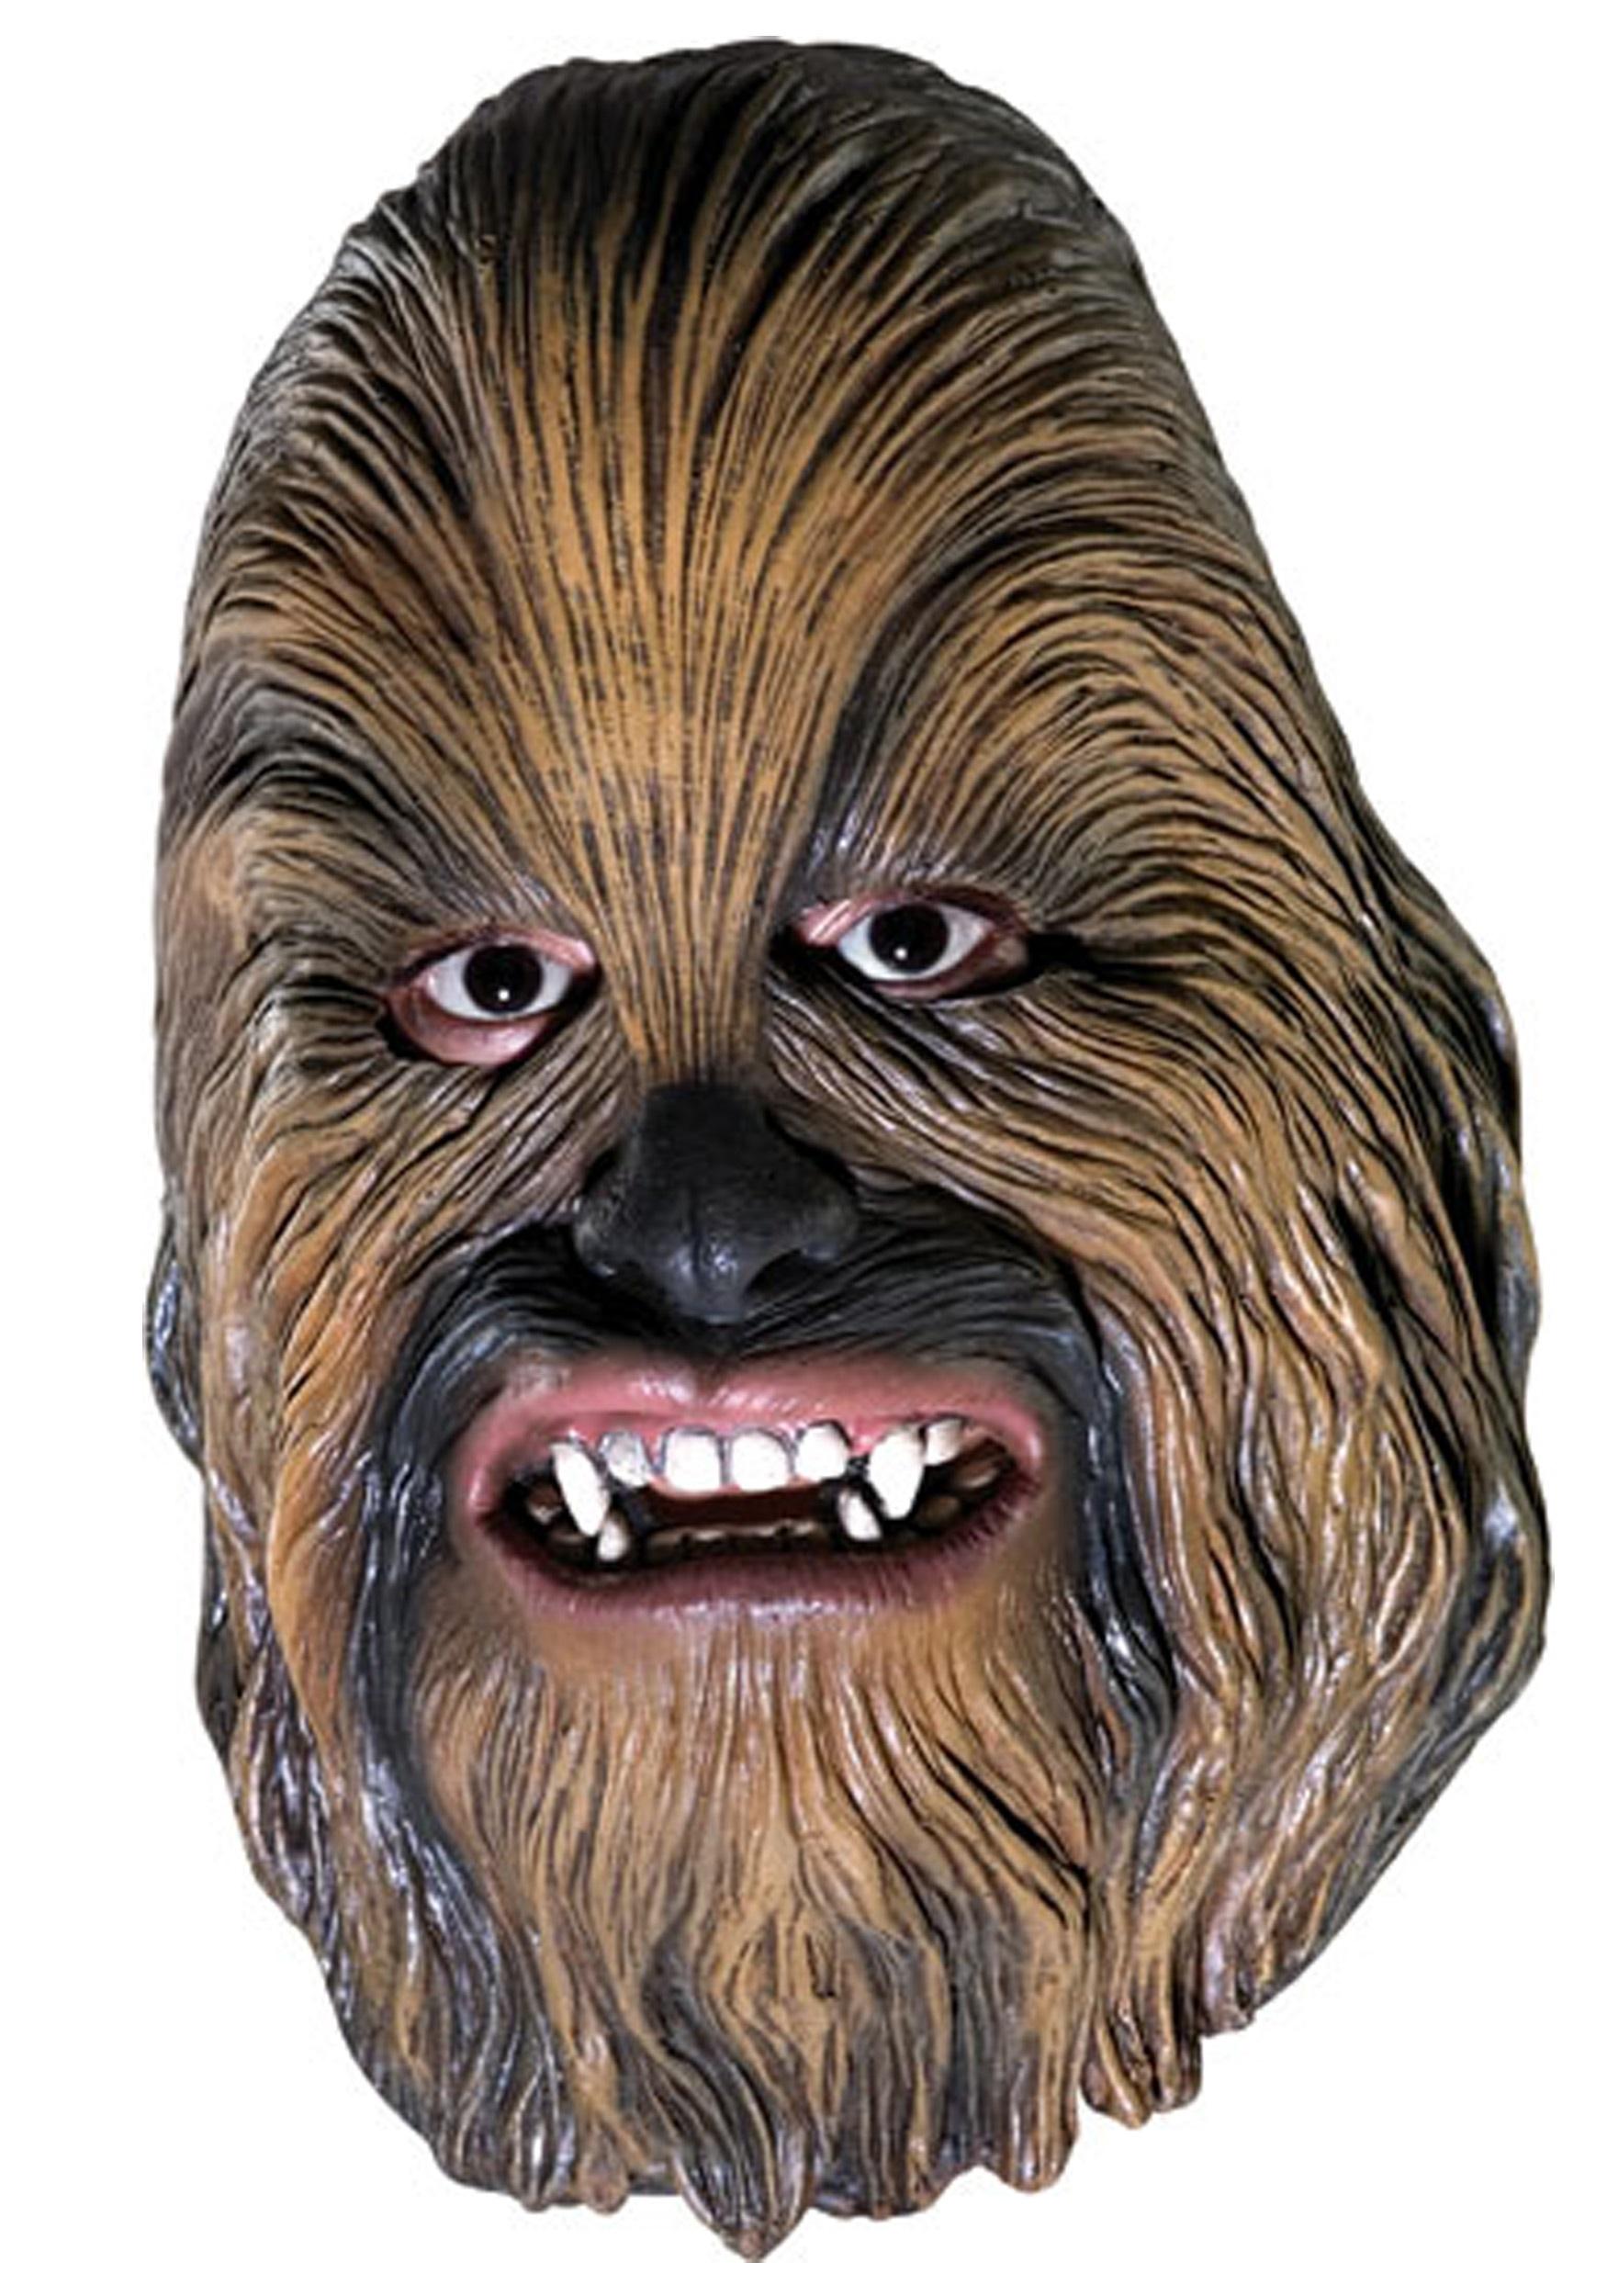 Vinyl 3 4 Chewbacca Mask